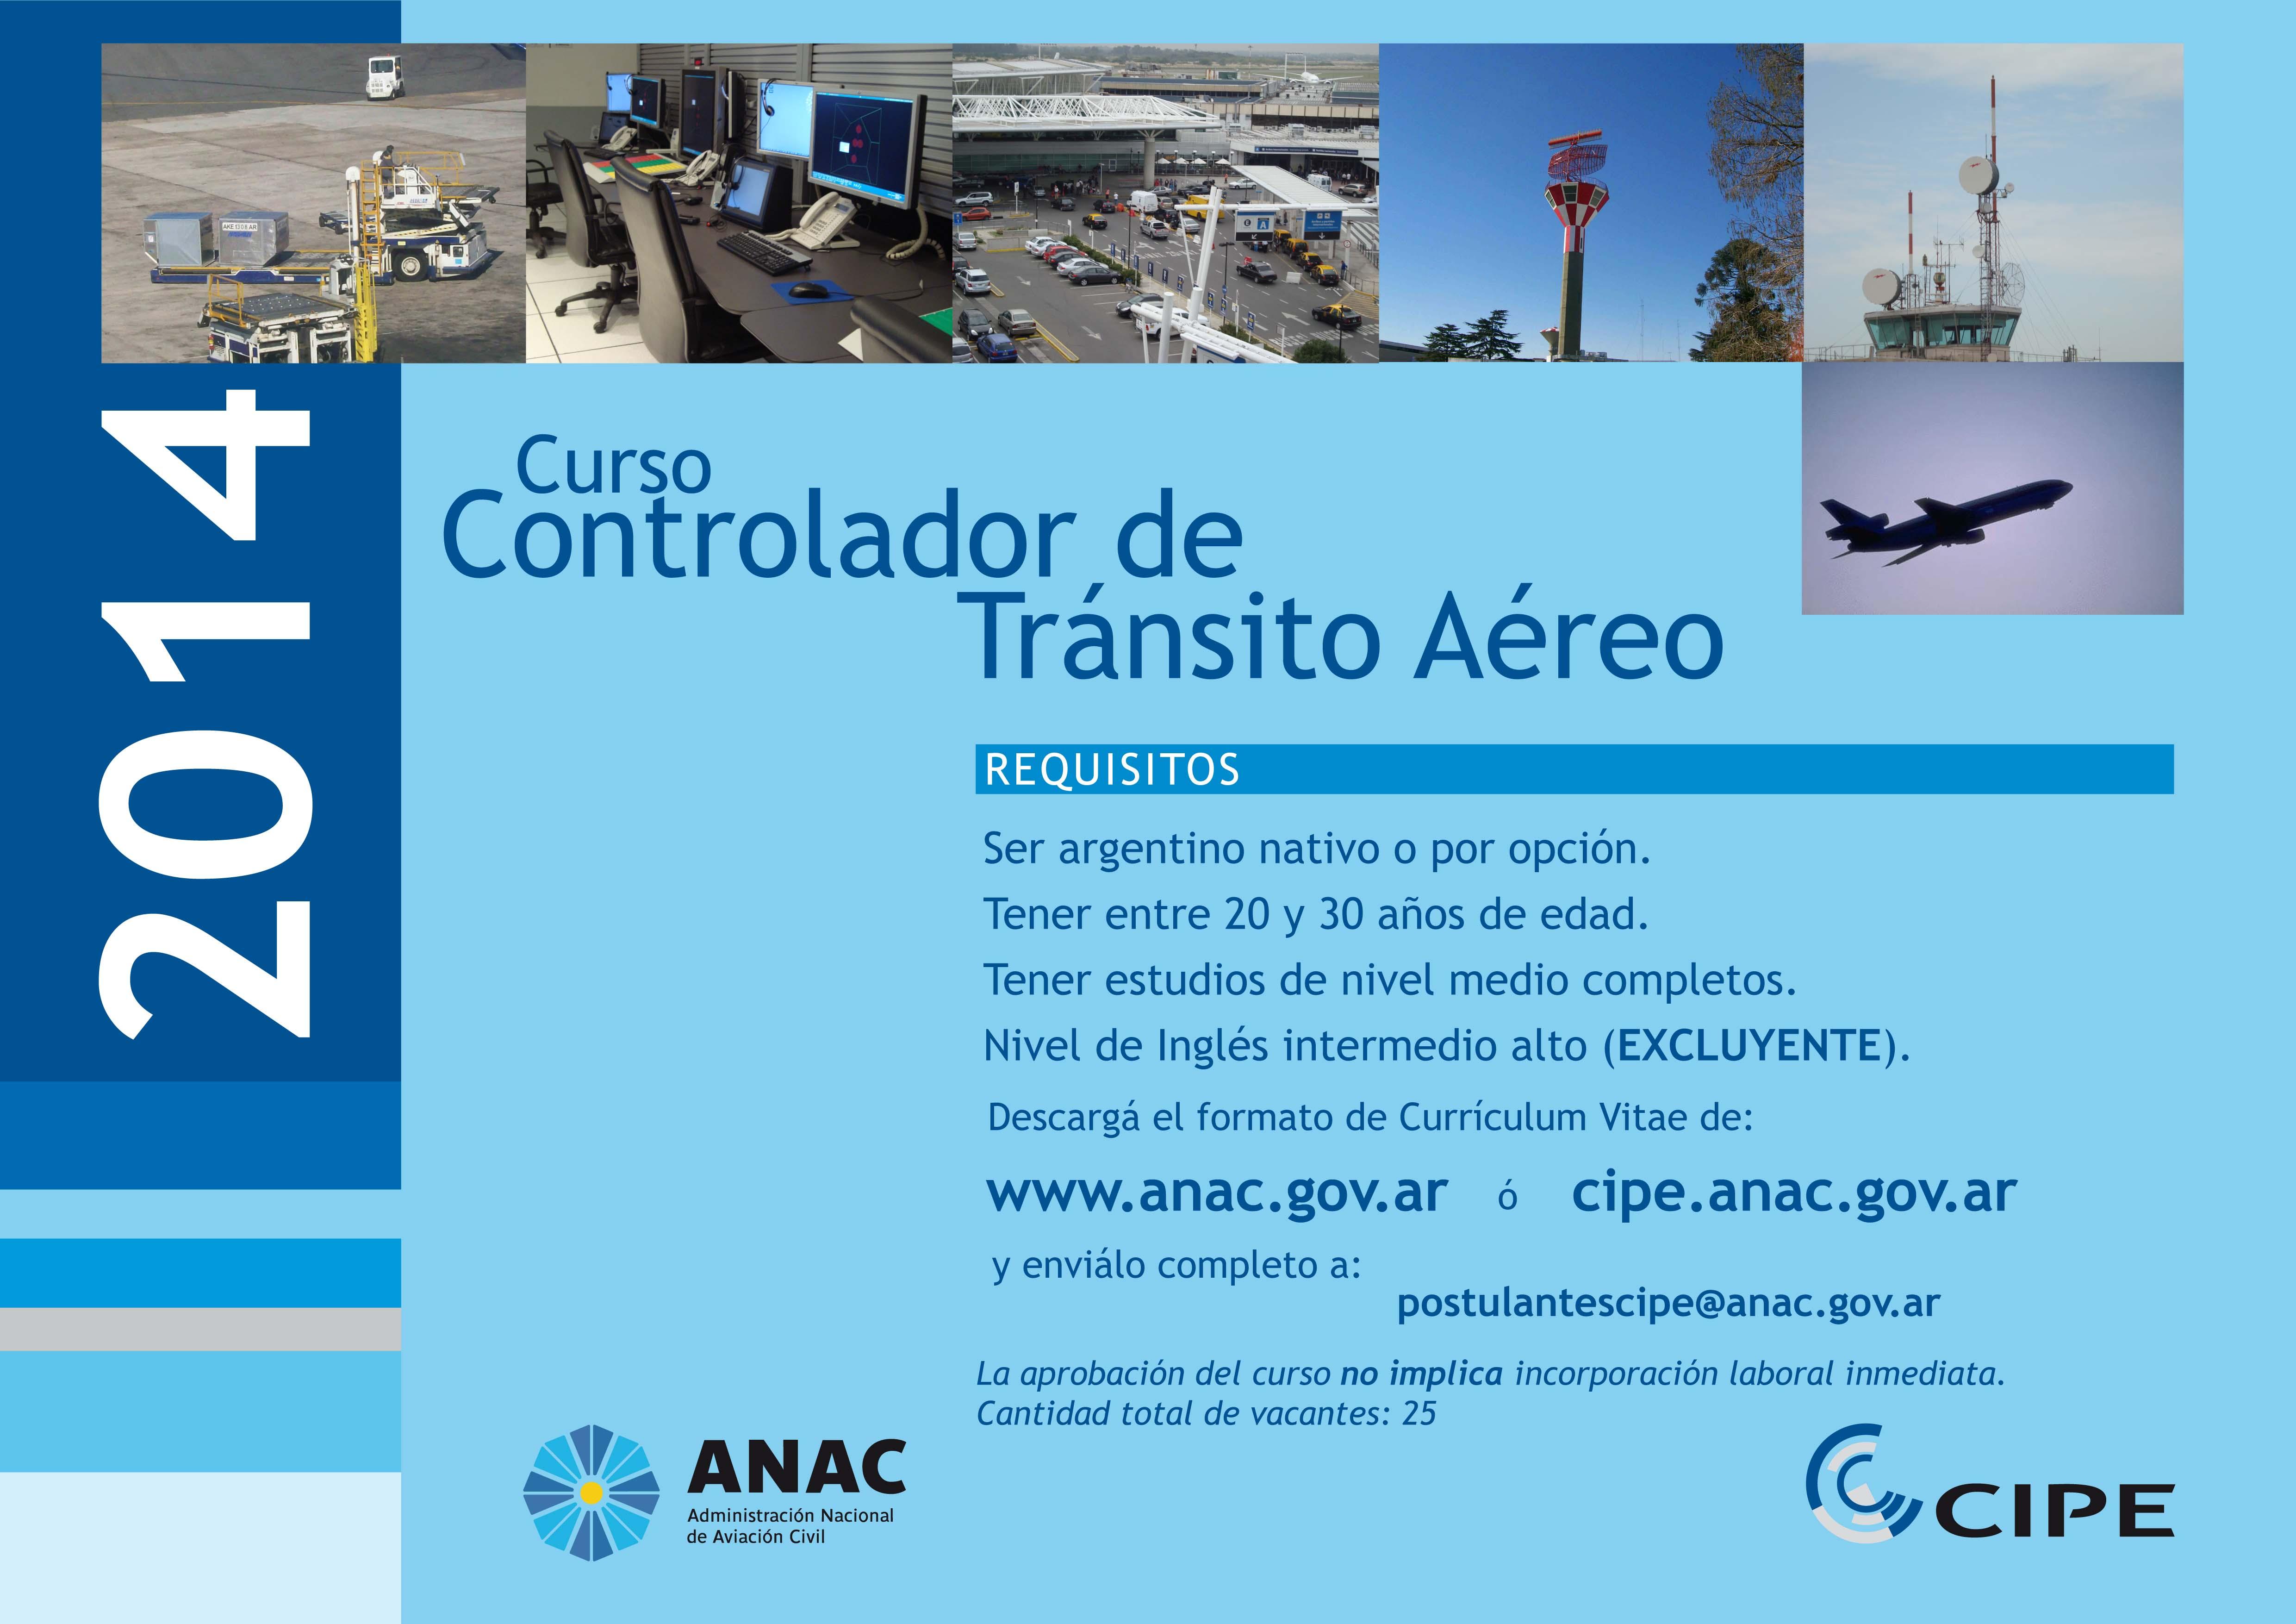 ANAC - Impresión de Contenido